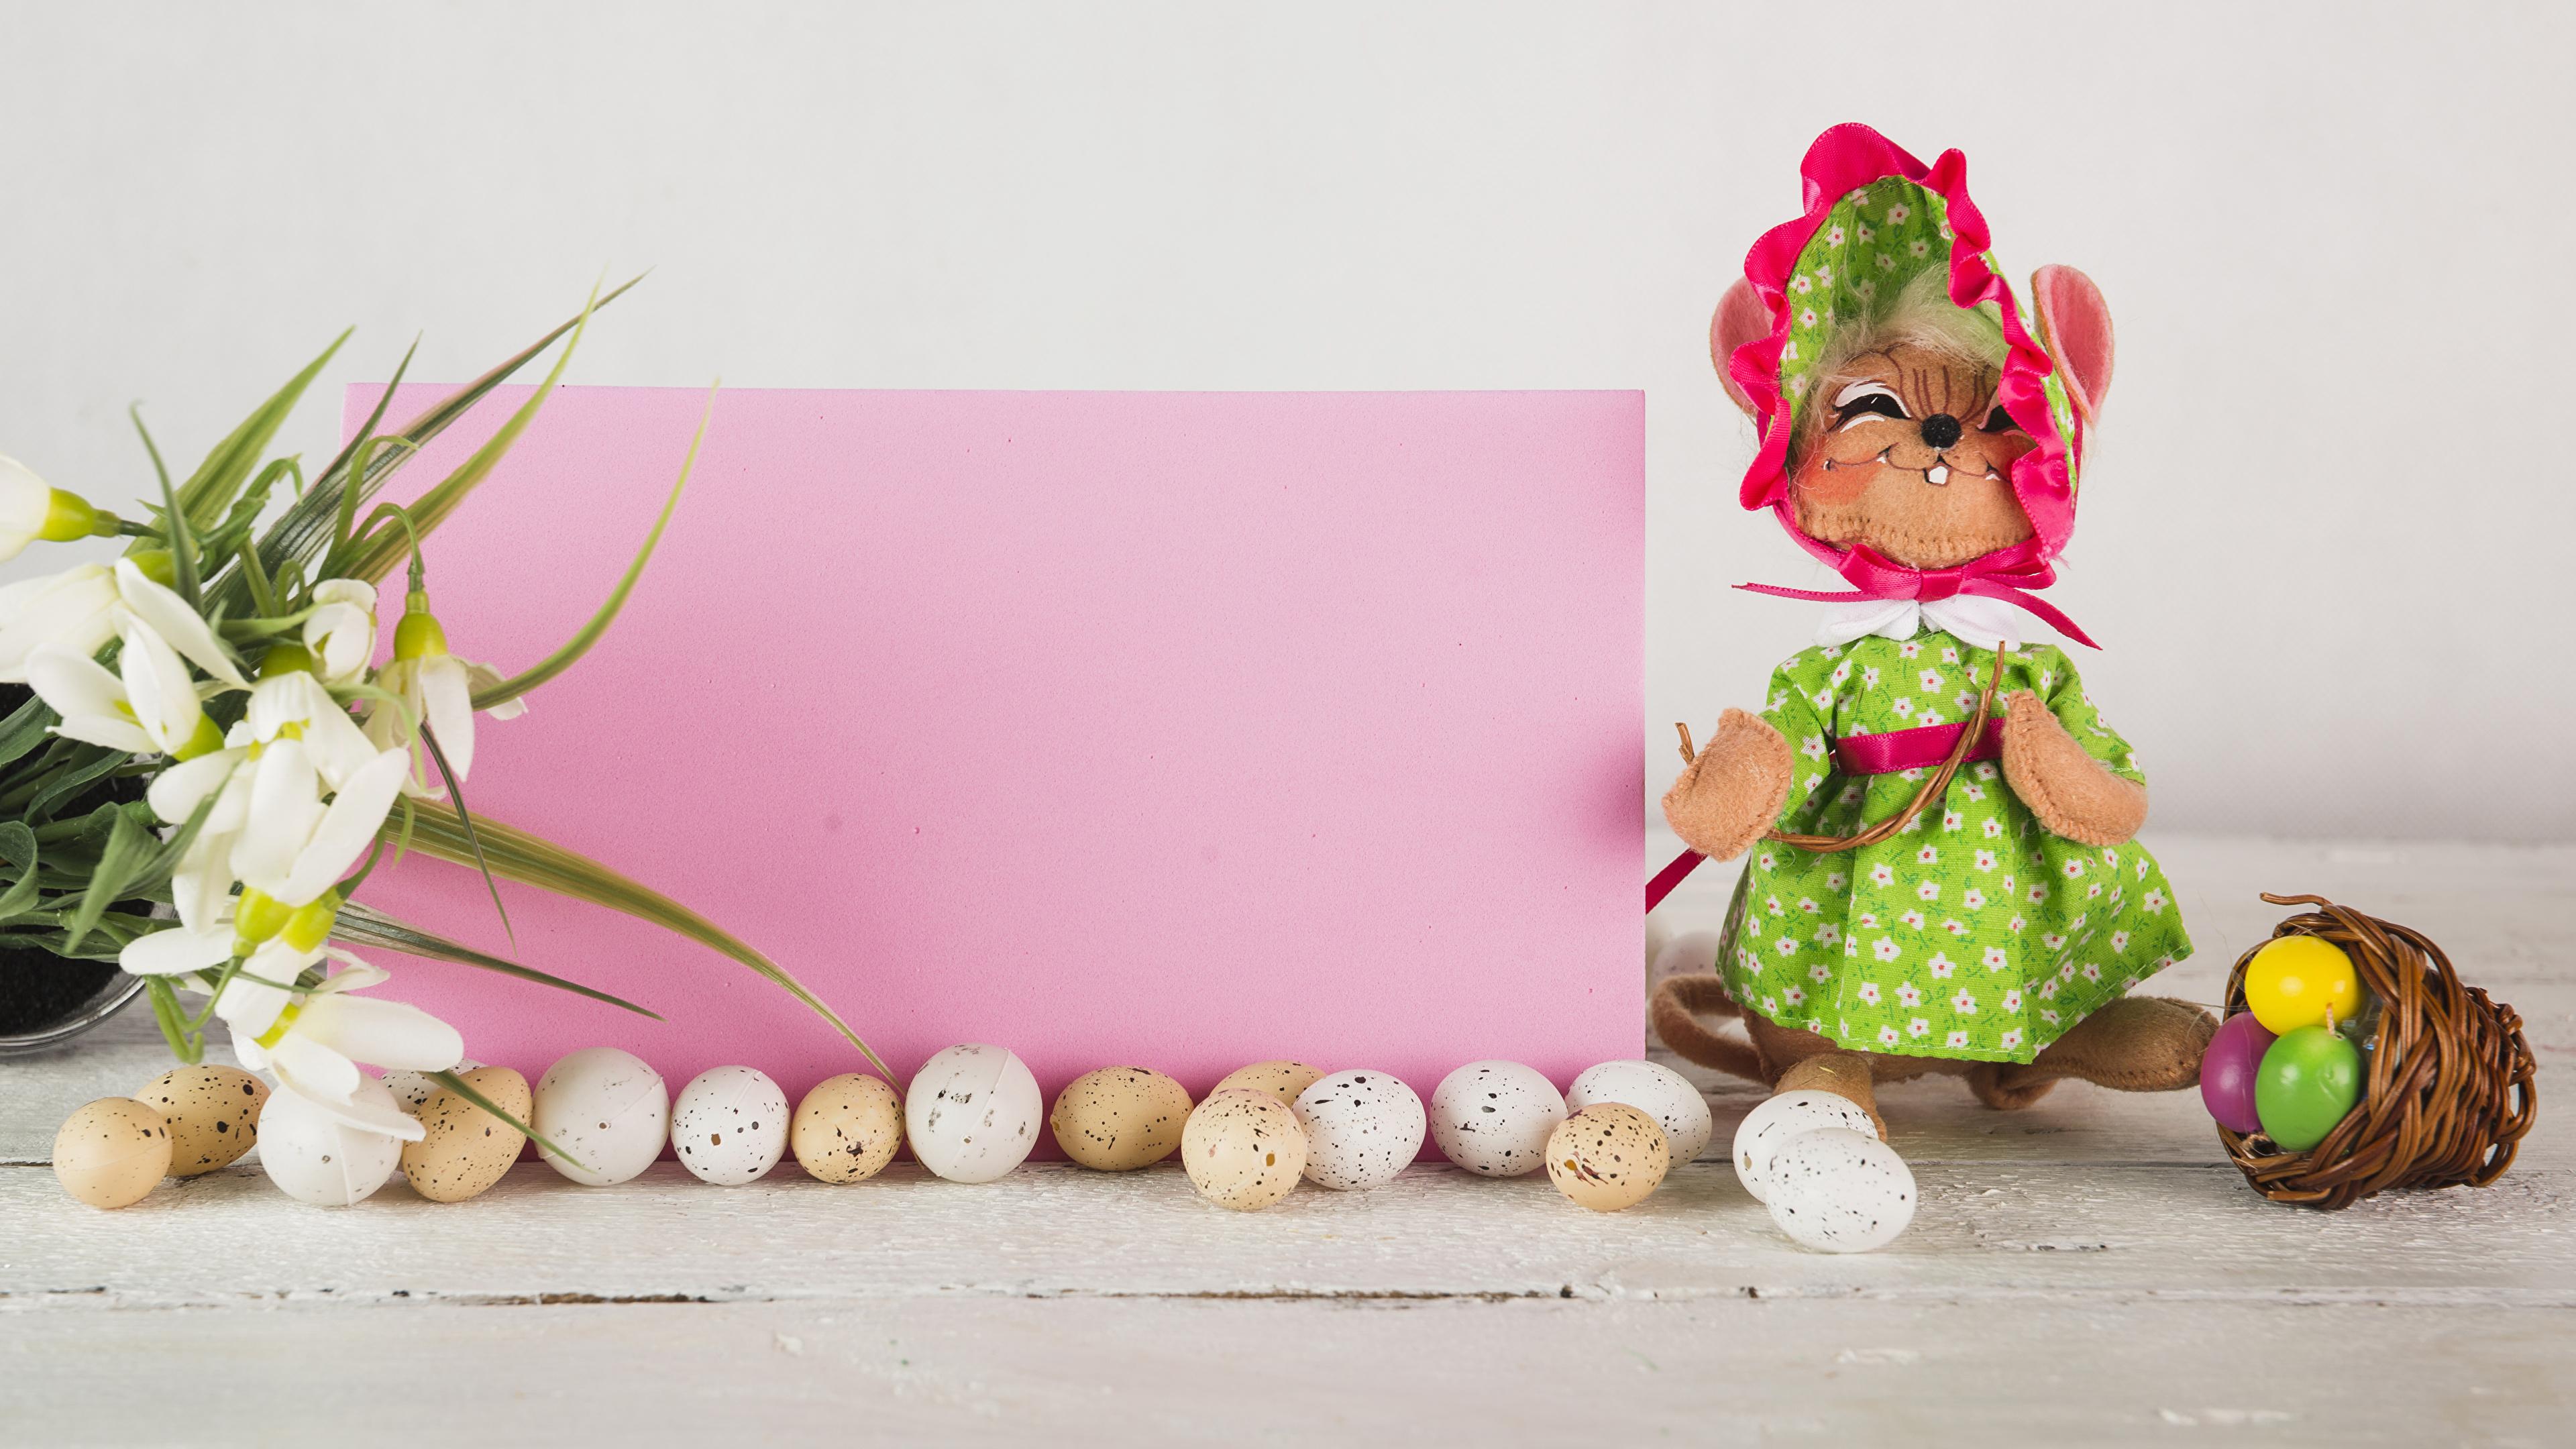 Фотографии Пасха Кролики Яйца Галантус Корзинка Шаблон поздравительной открытки Праздники 3840x2160 кролик яиц яйцо яйцами корзины Корзина Подснежники